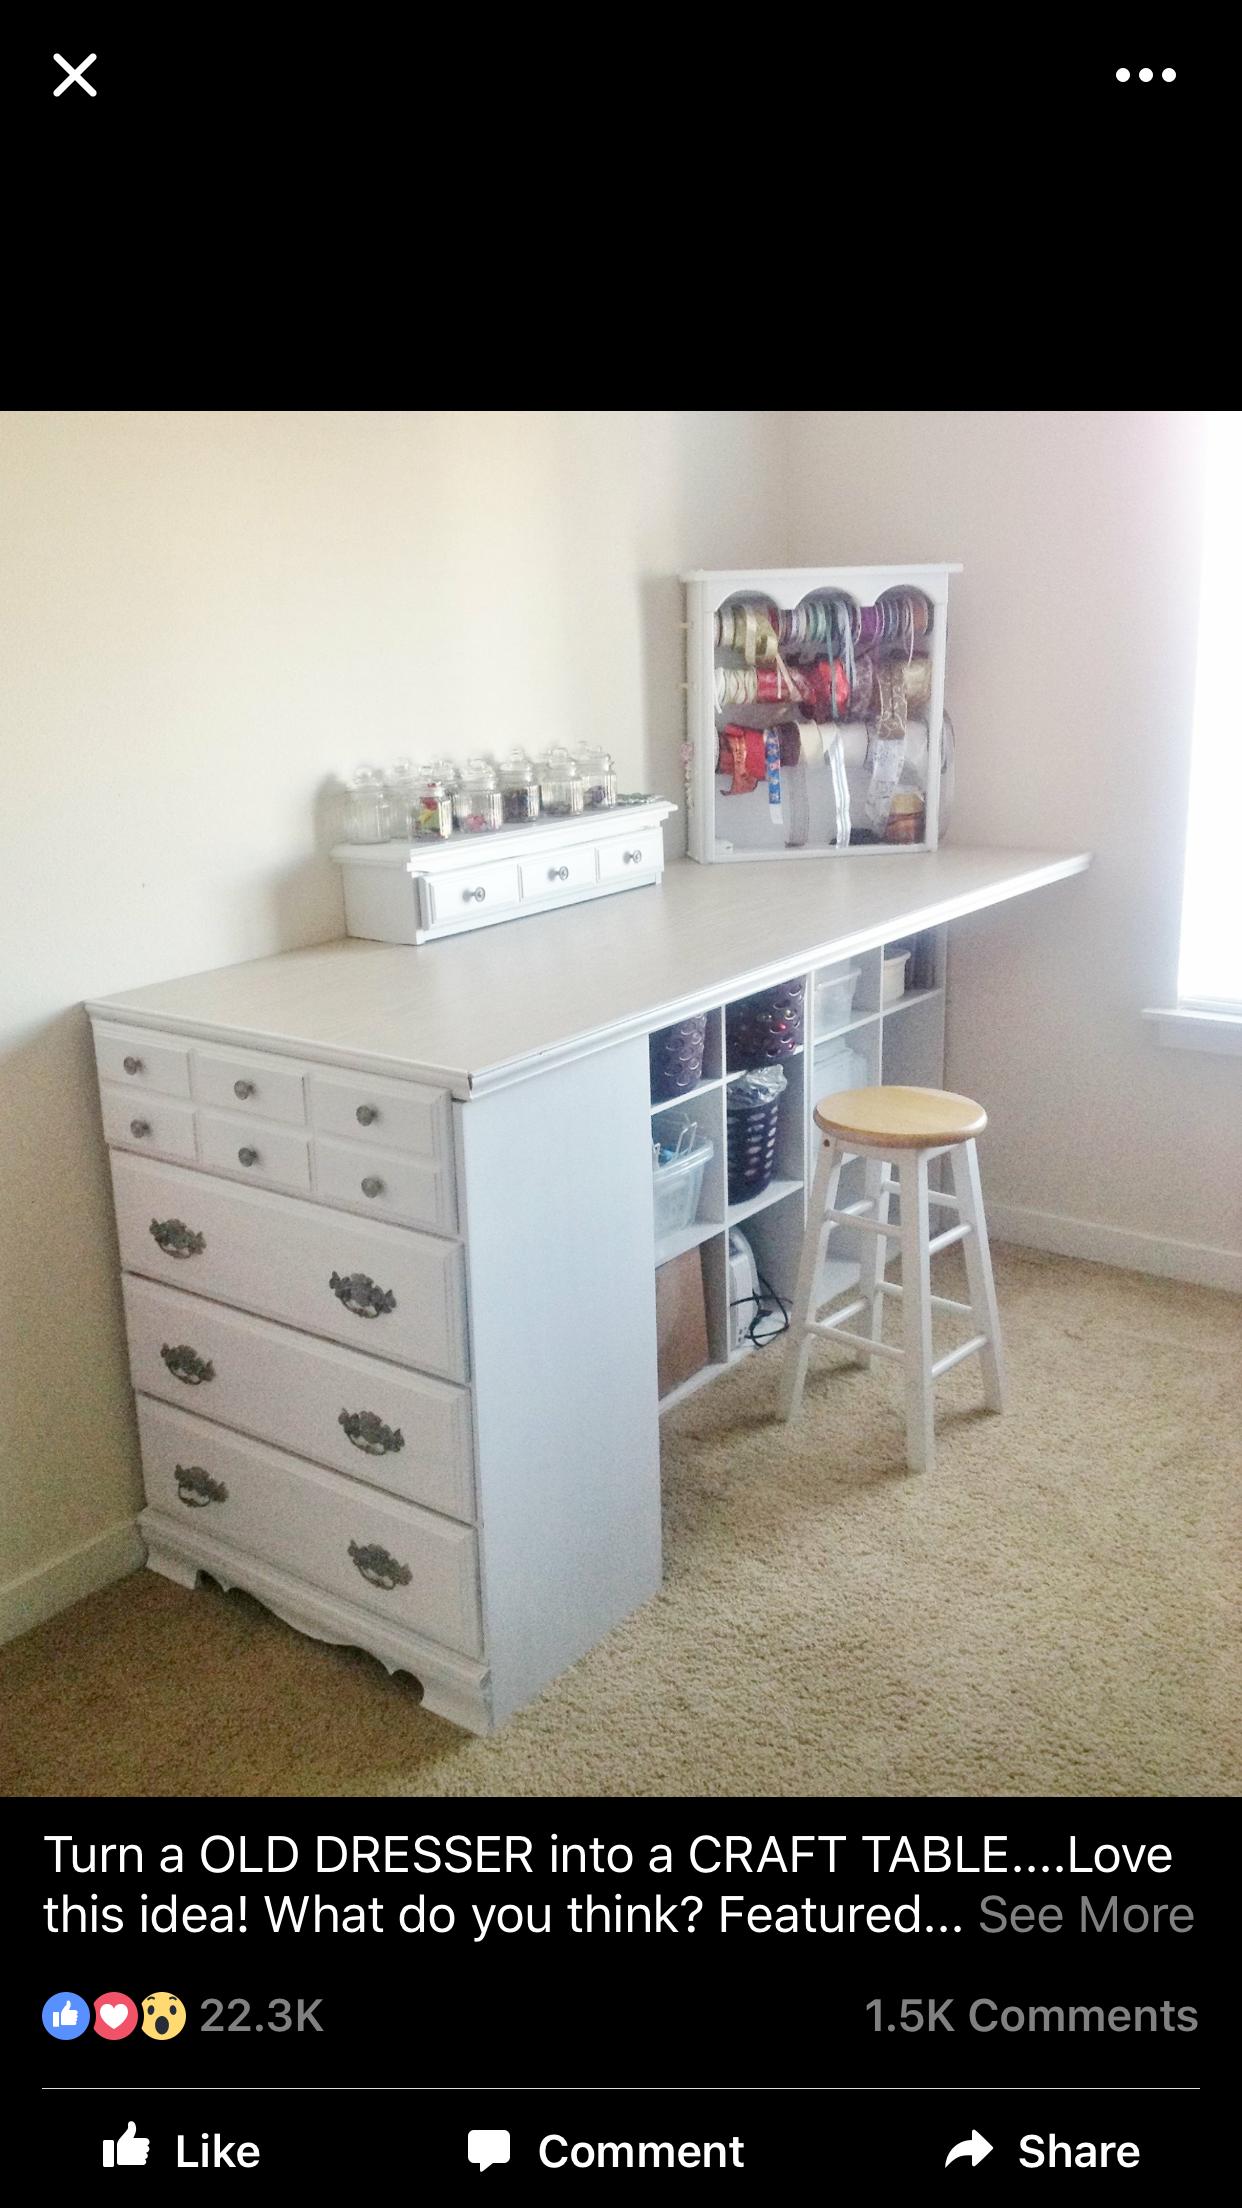 pingl par delphine rodhain sur couture pinterest mobilier de salon rangement et maison. Black Bedroom Furniture Sets. Home Design Ideas